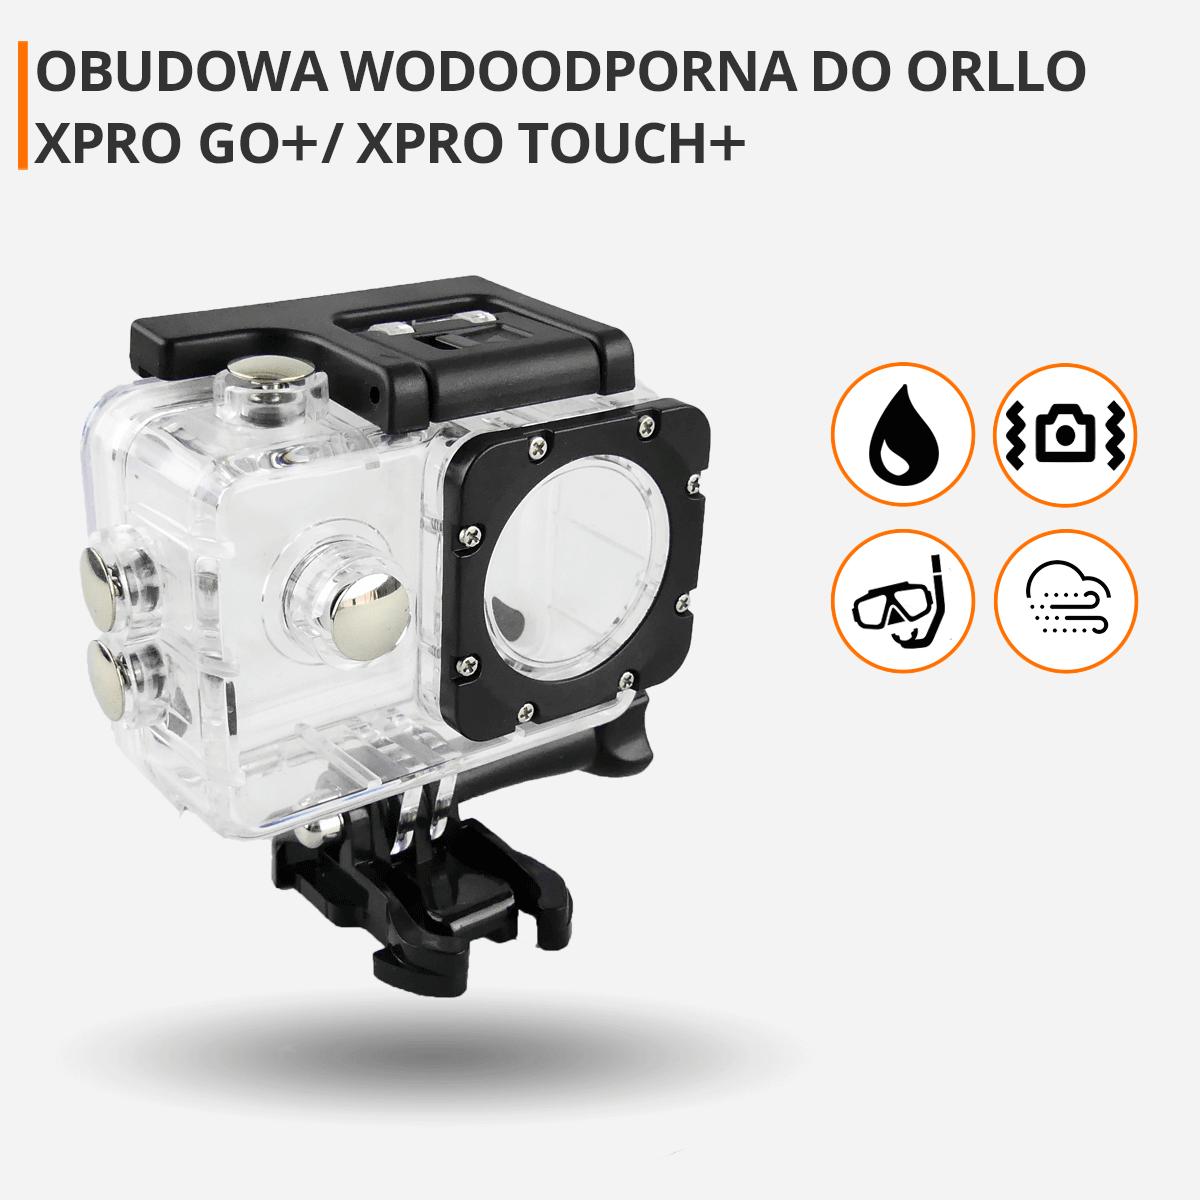 obudowa-wodoodporna-do-kamery-sportowej-xpro-orllo-pl